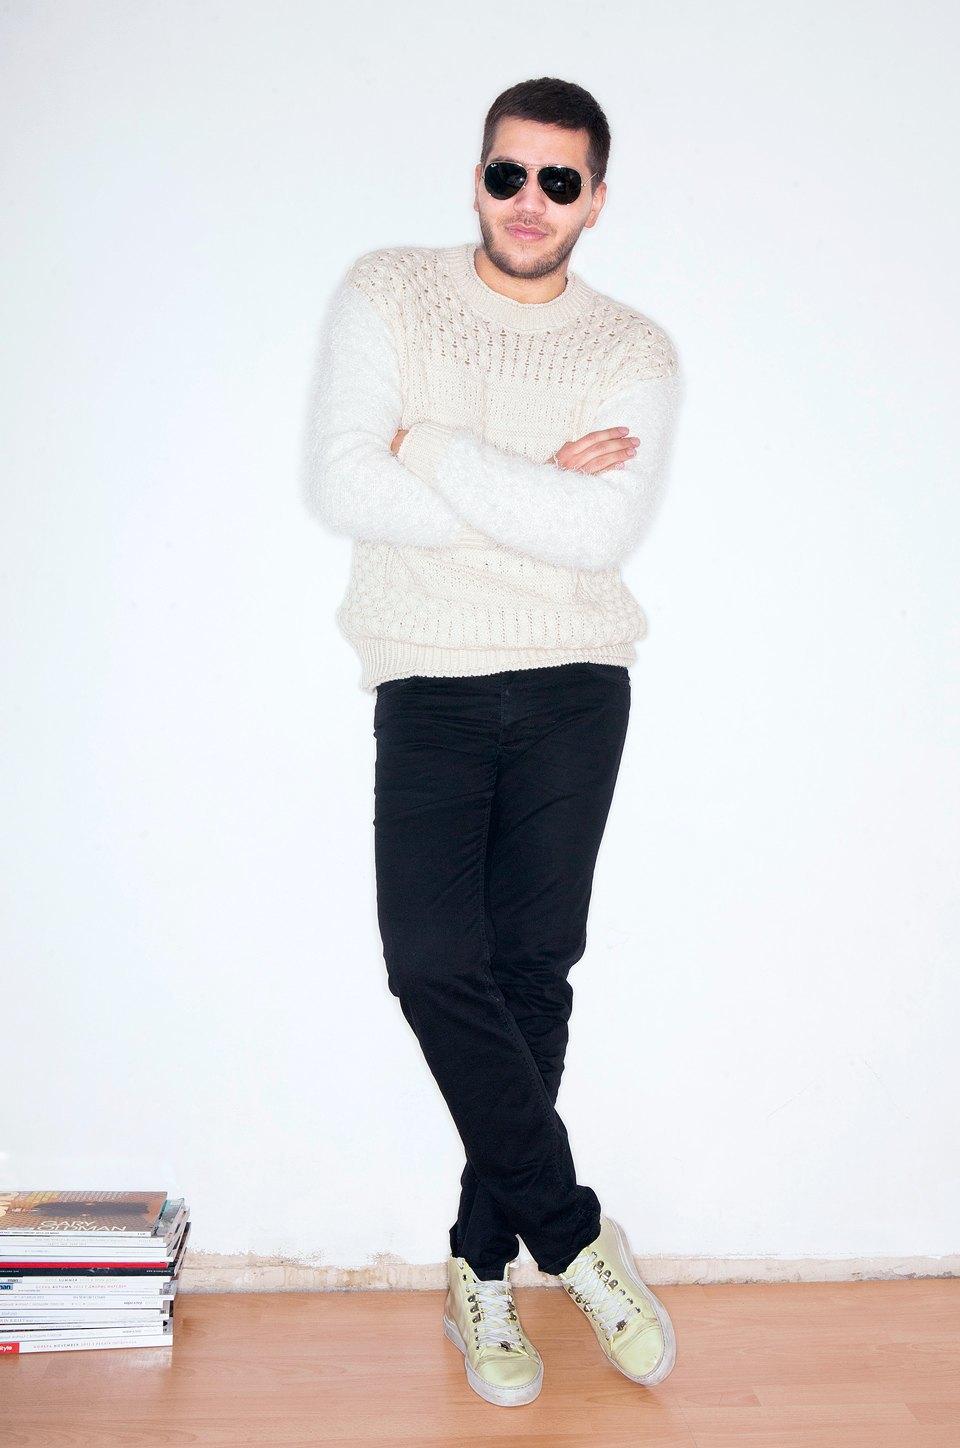 Паша Бобров, PR-специалист BSG Luxury Group. Изображение № 28.